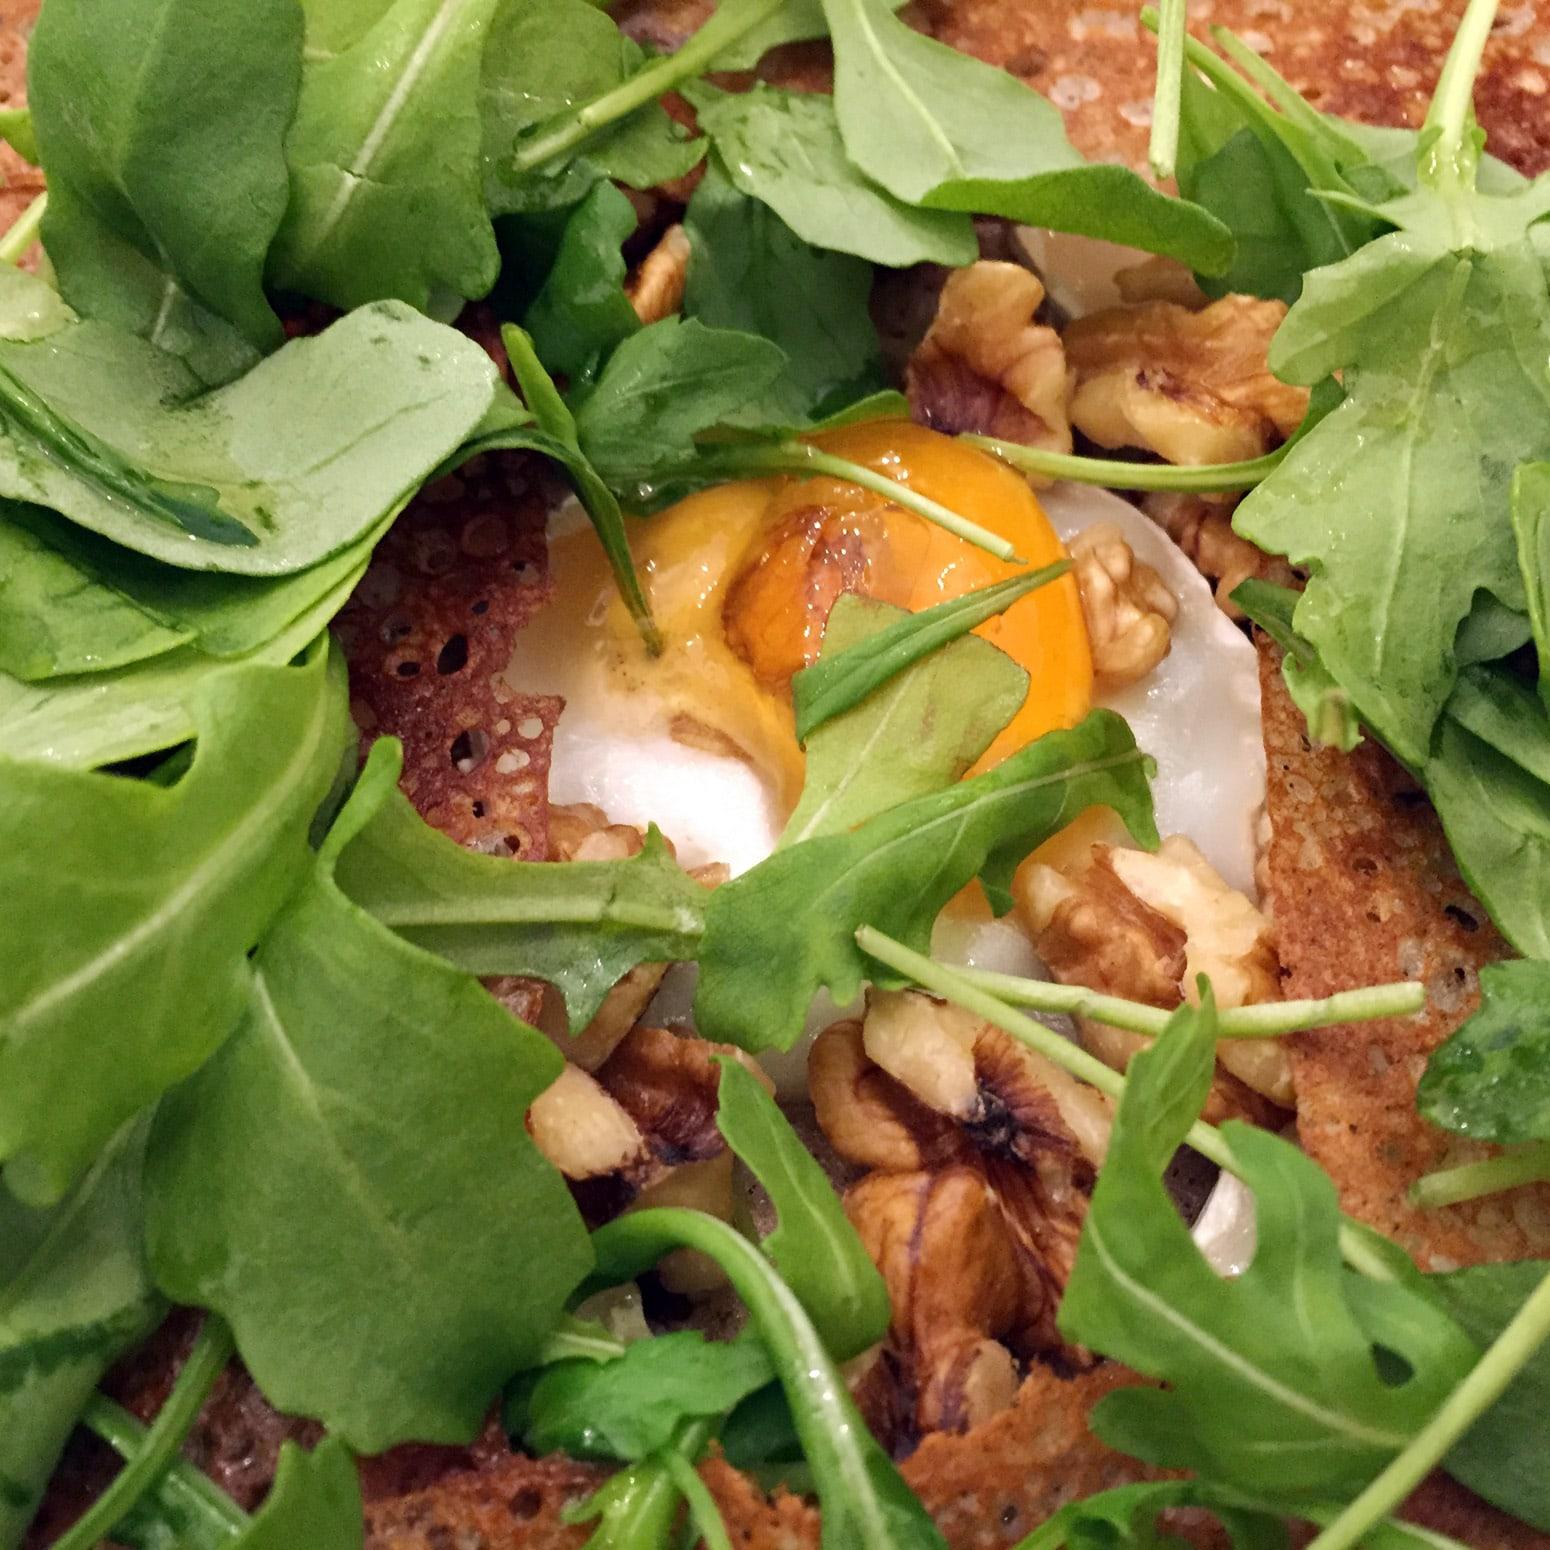 Voici des crêpes sans gluten avec le blé noir, soit le sarrasin, chez Krugen à Paris